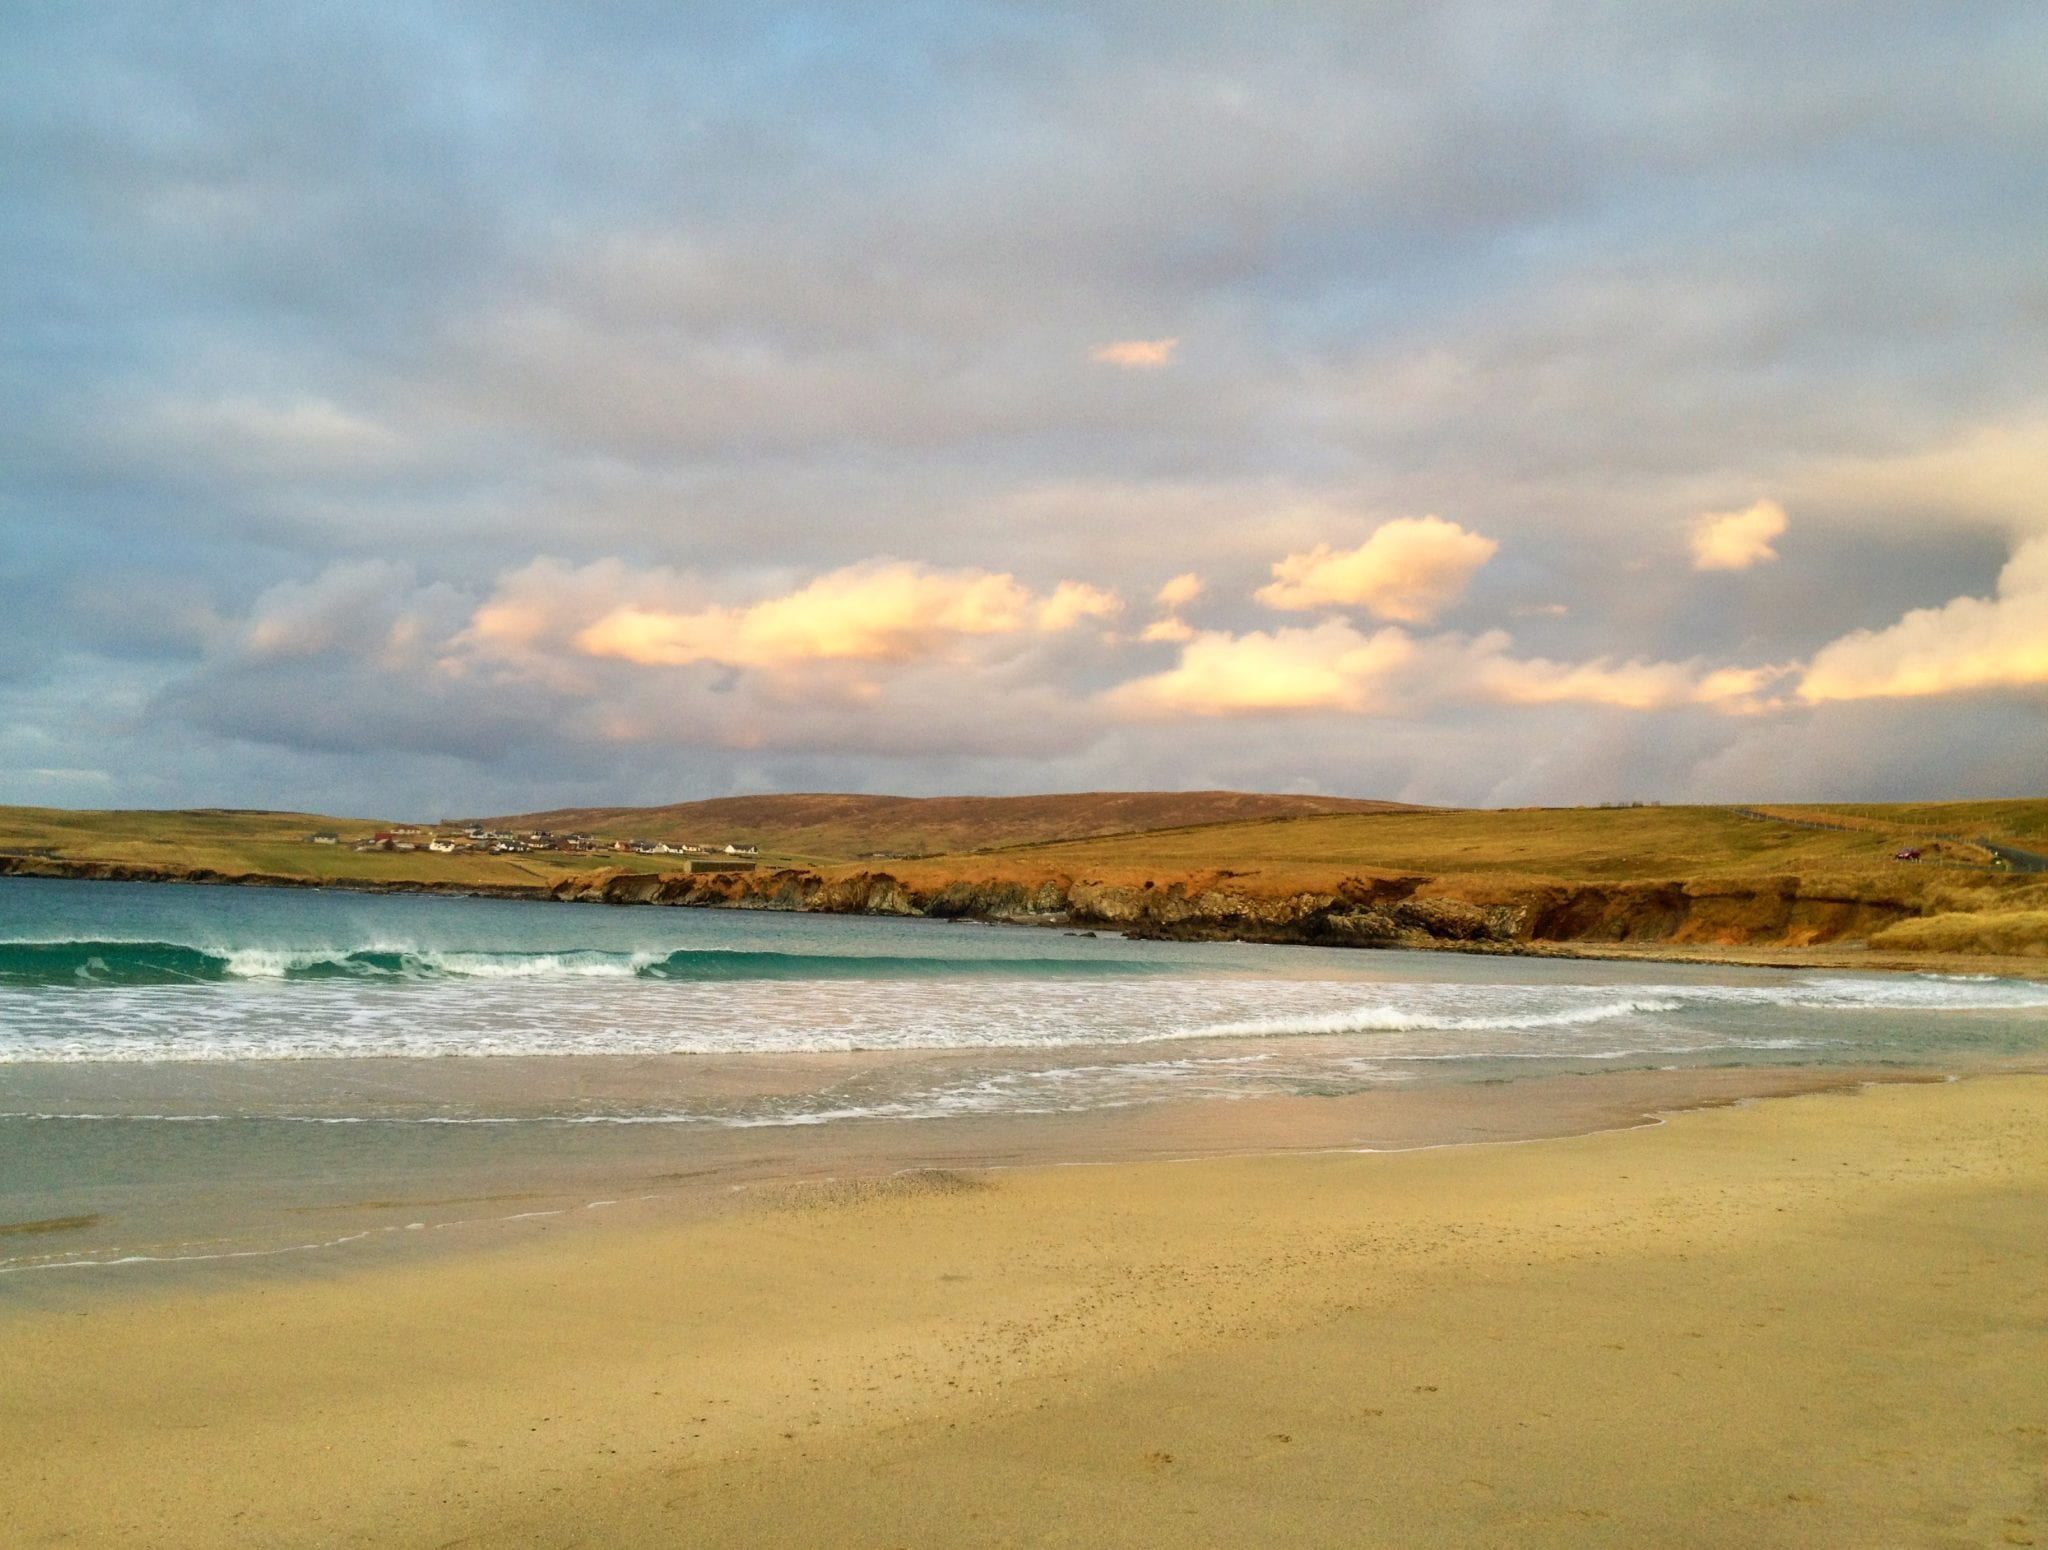 Tropical Beach in Shetland?